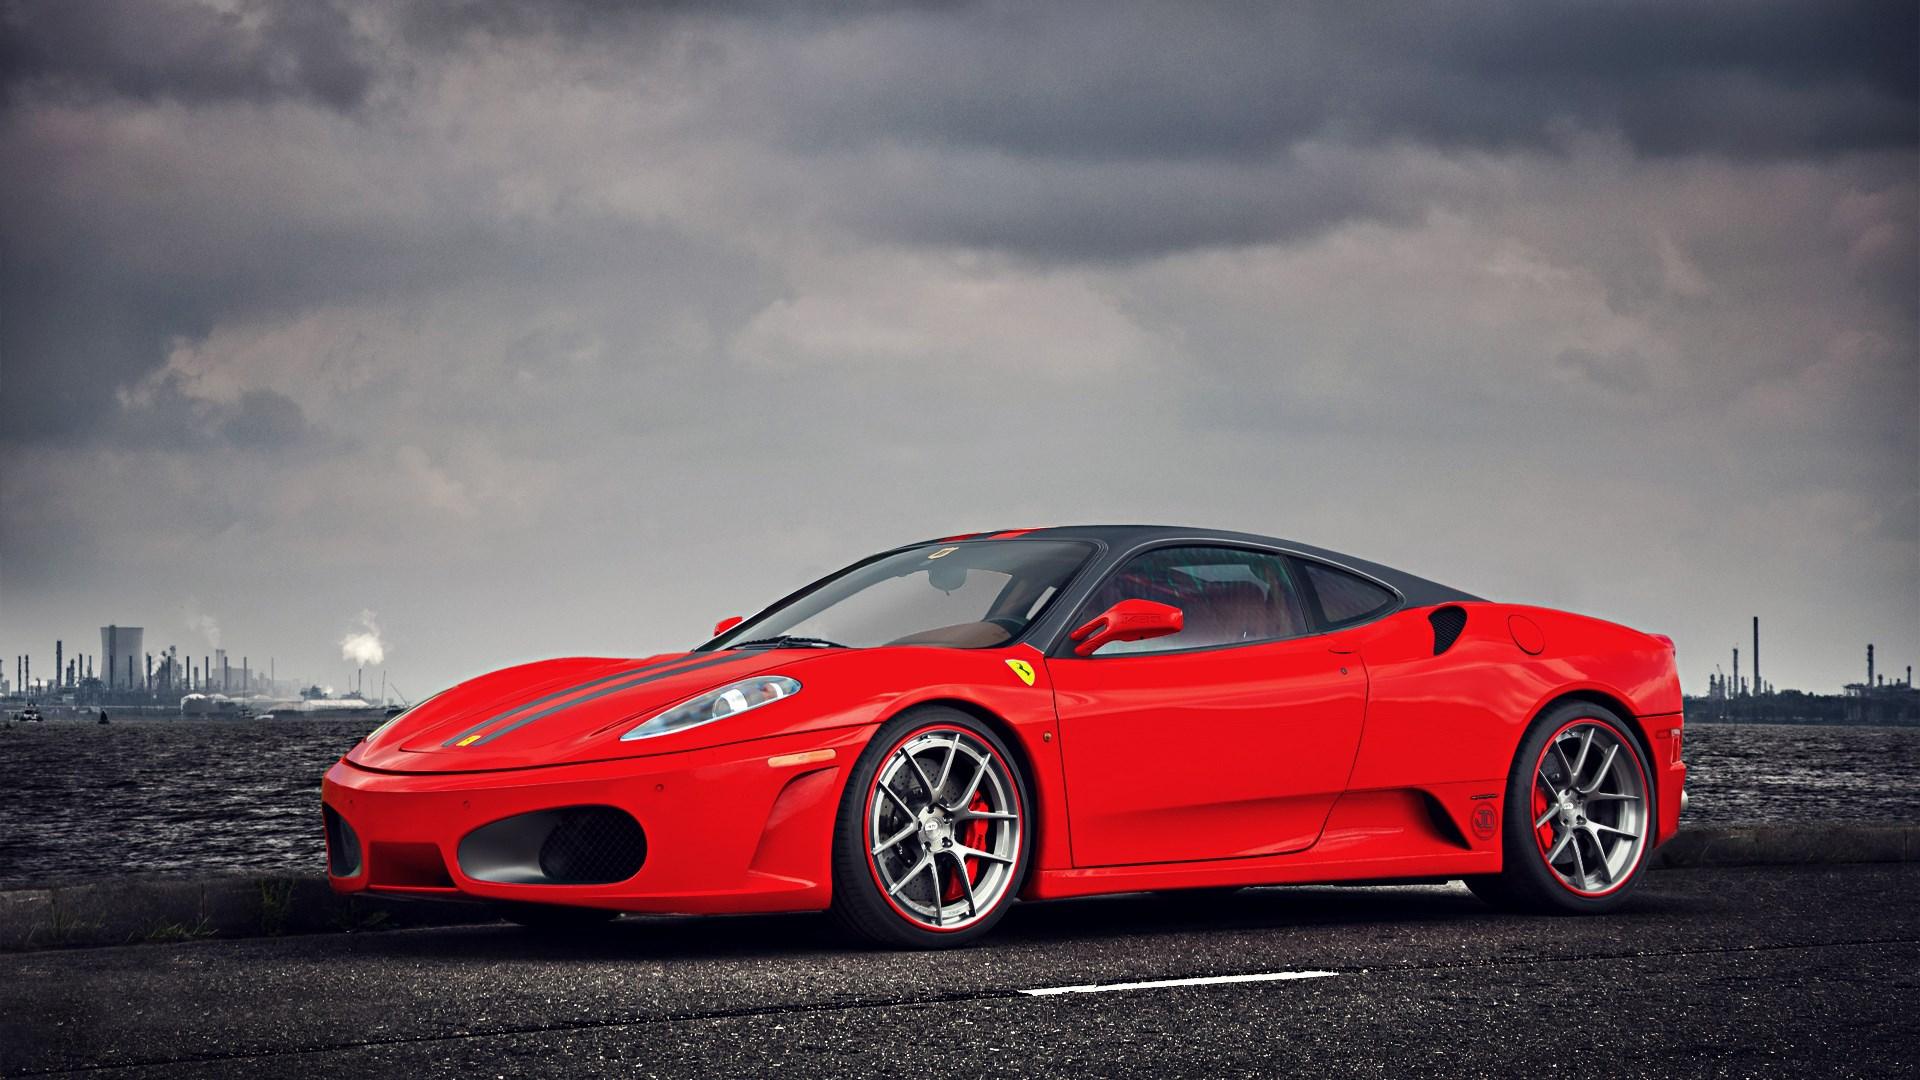 Supercar Ferrari F430